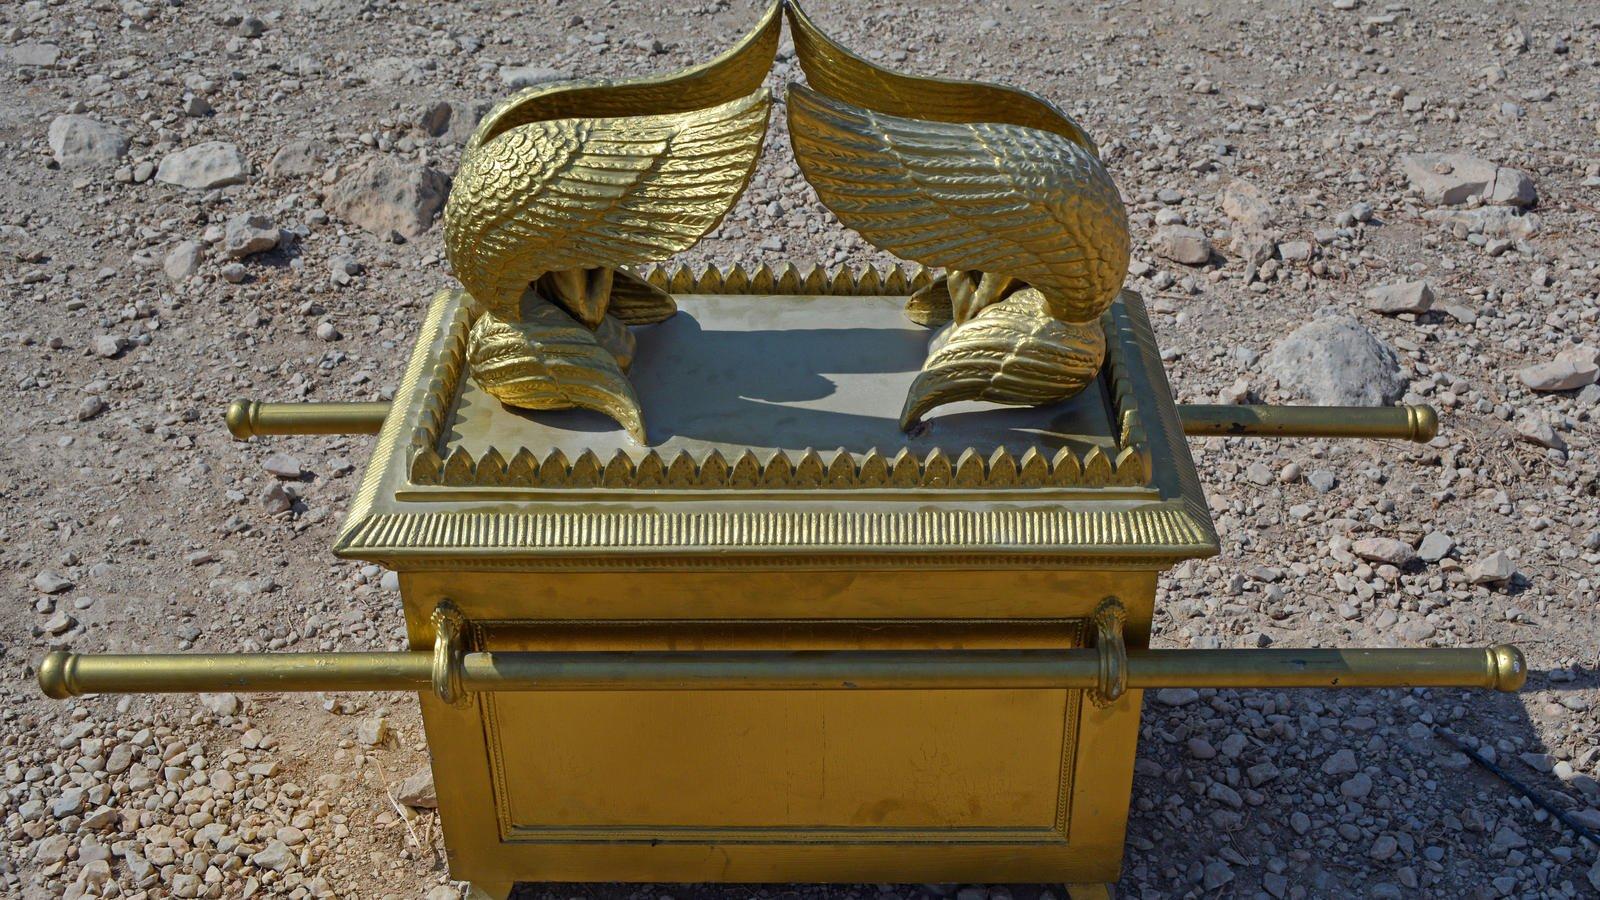 существует множество фото божий ковчег где находится израиле или ней гармонии, близком